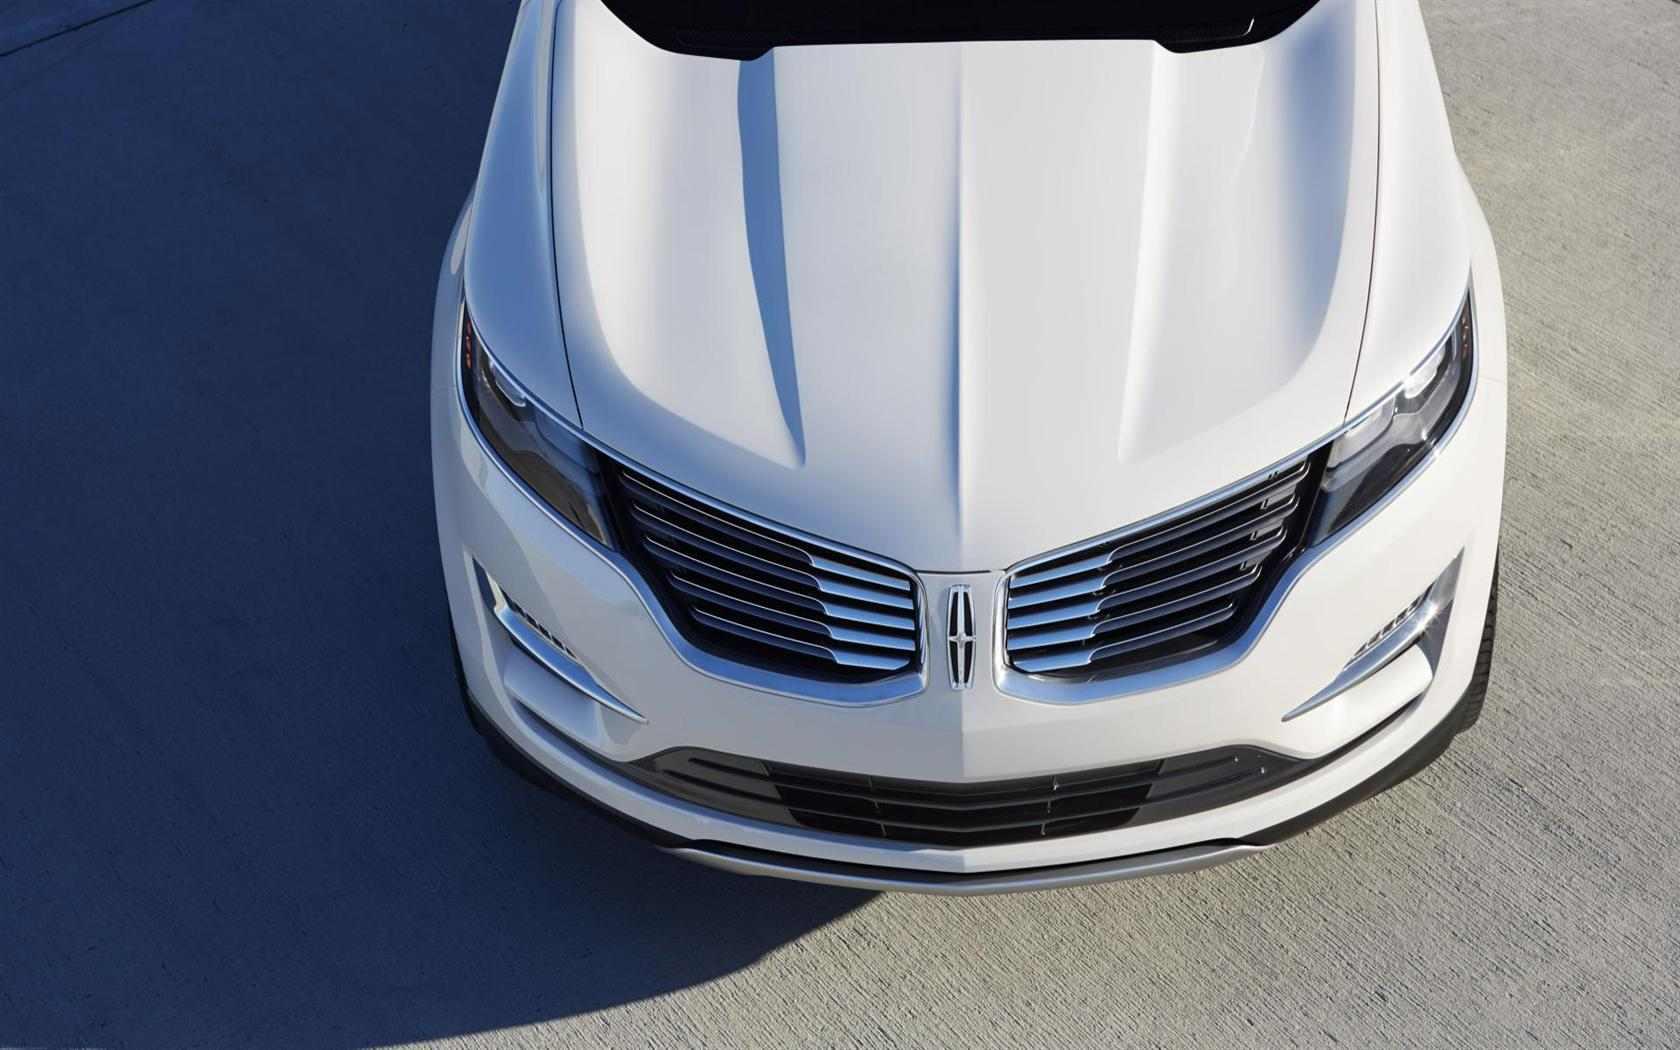 Lincoln-MKC-Concept-Crossover-04-1680